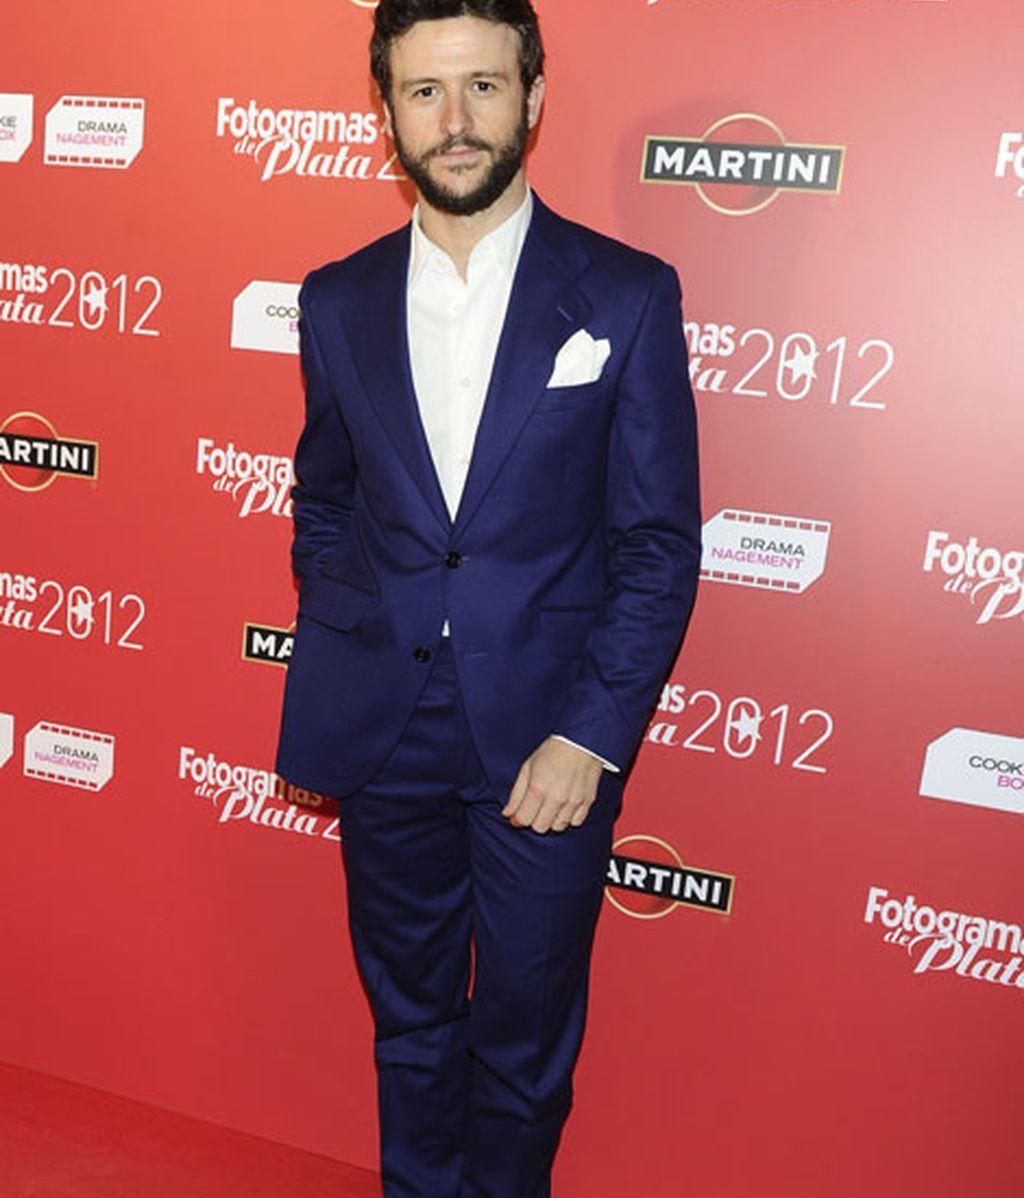 Diego Martín destacó por su traje azul